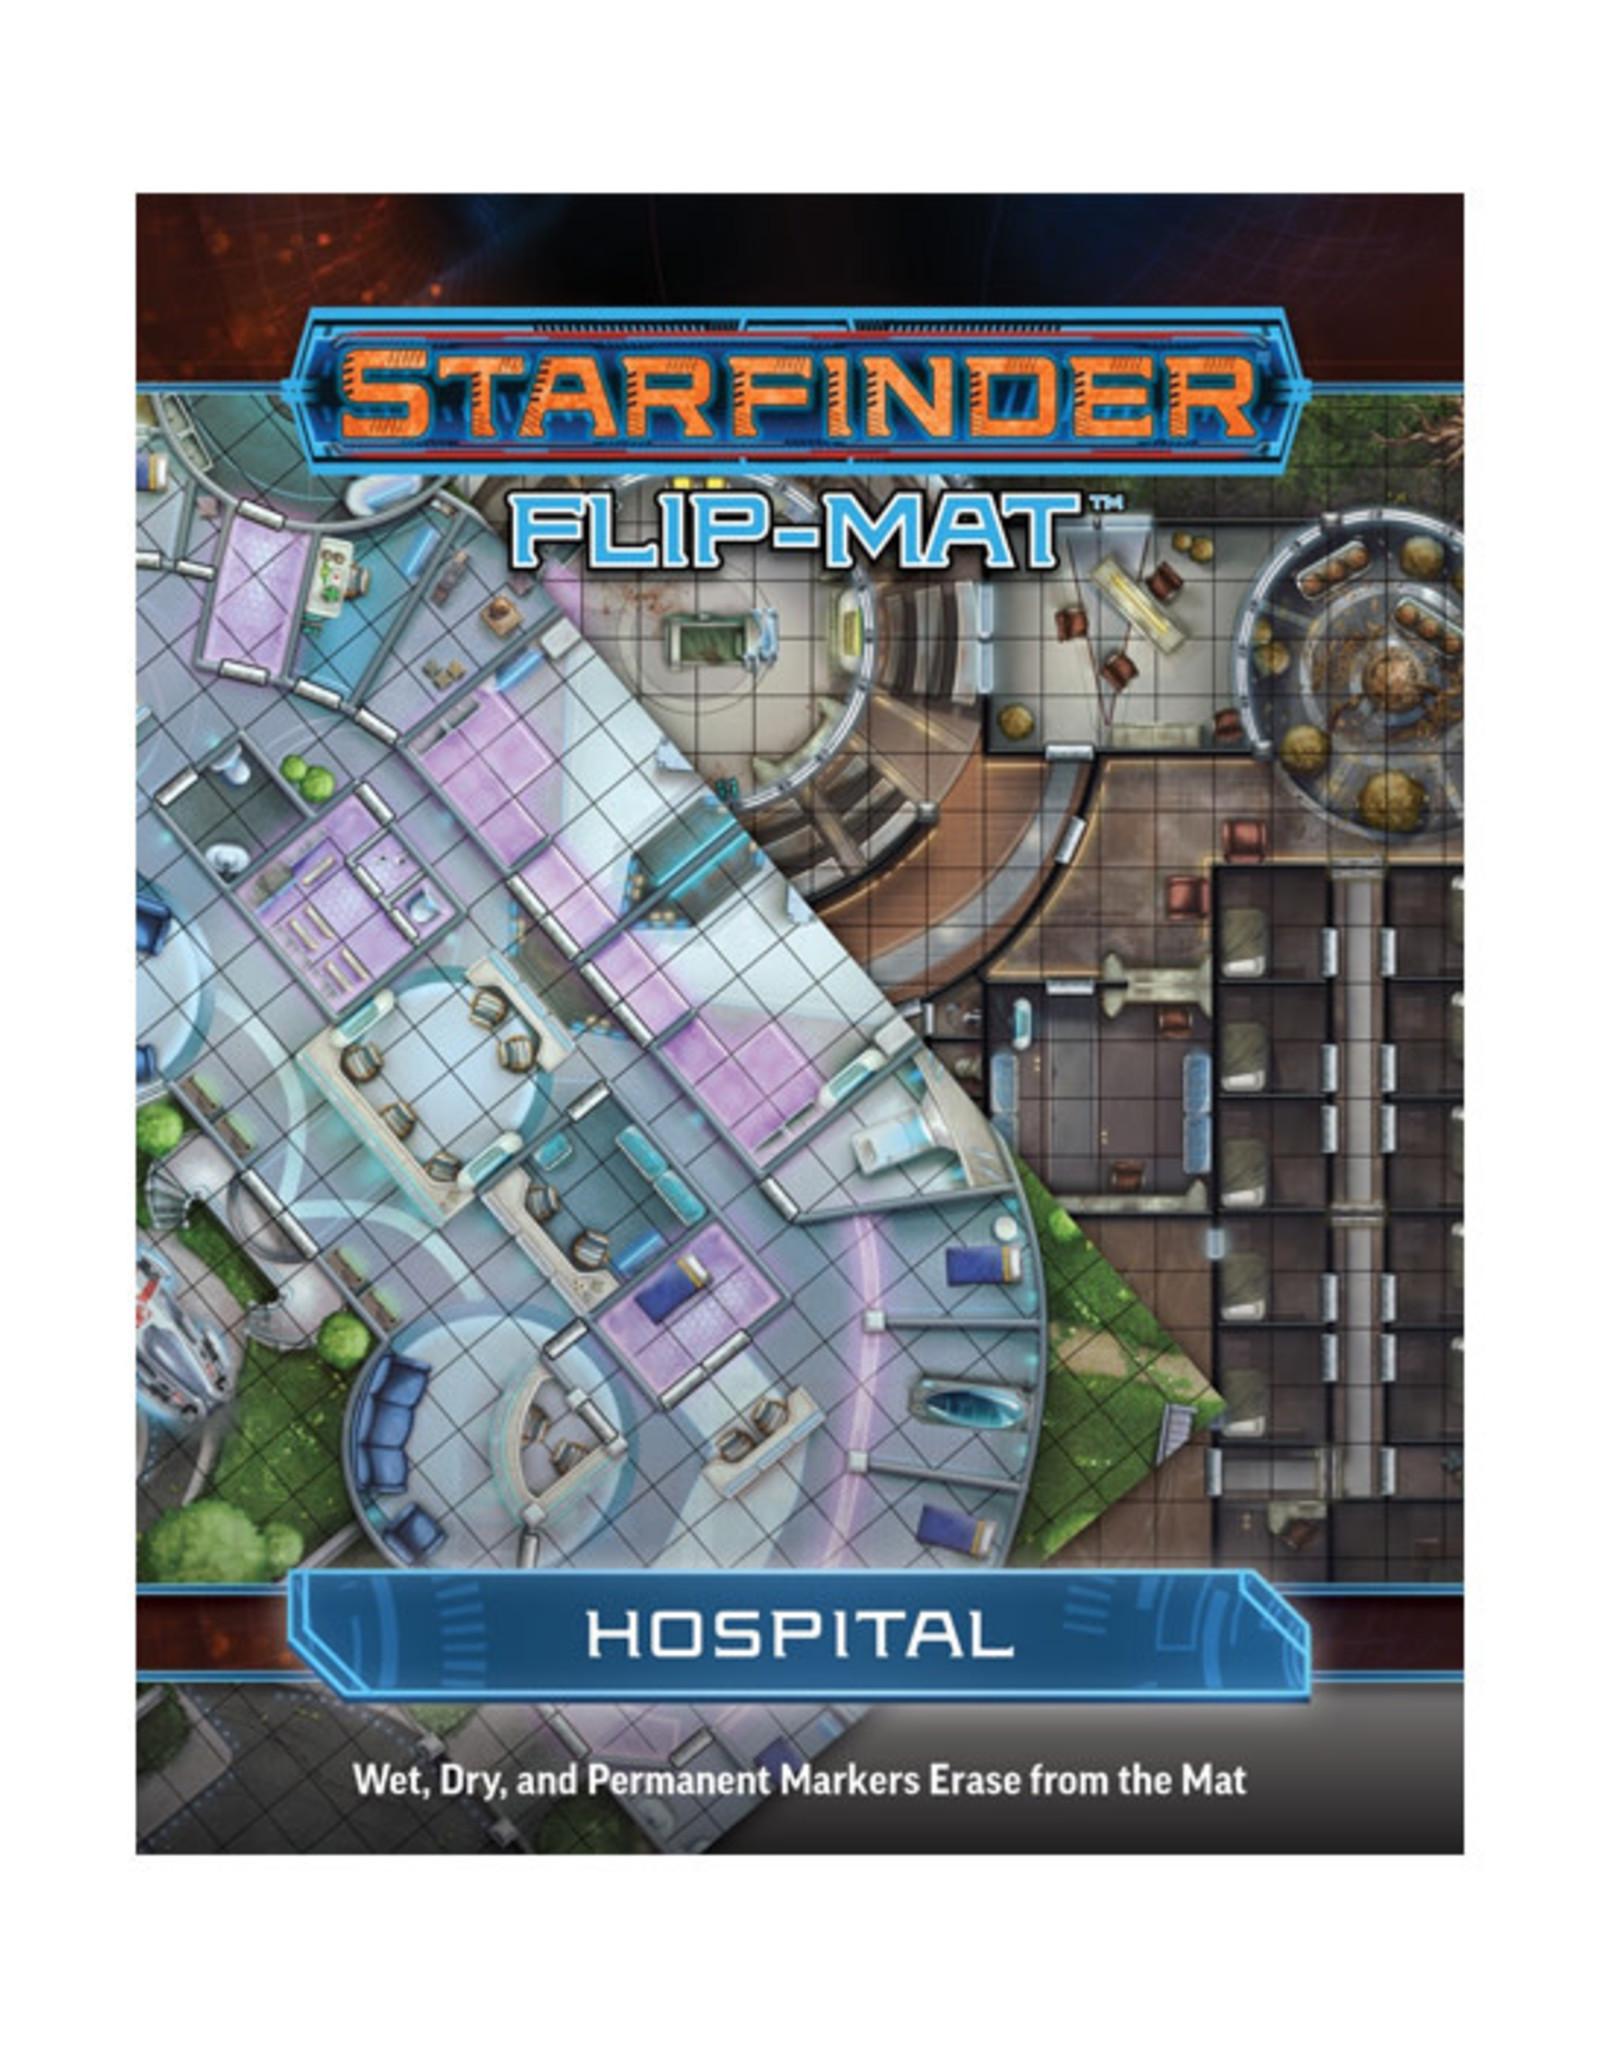 Starfinder Starfinder: Flip-Mat - Hospital